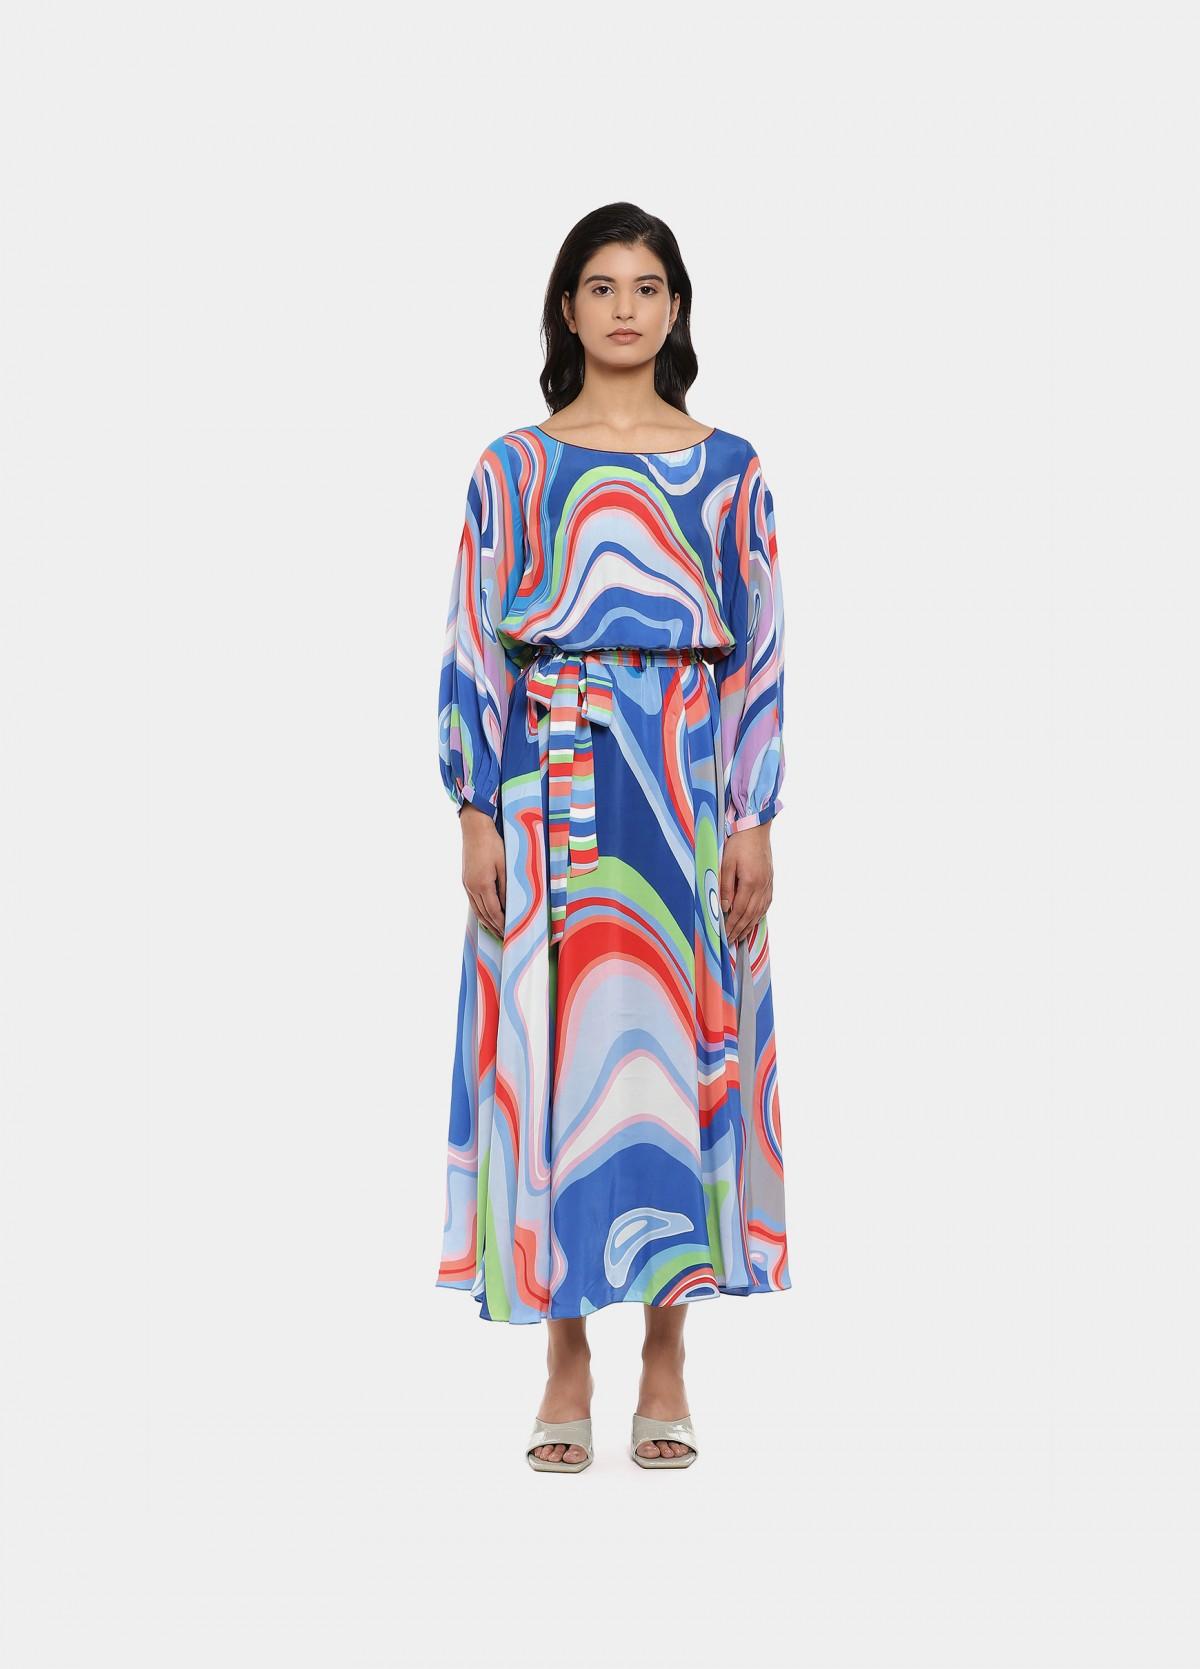 The 5D Dress